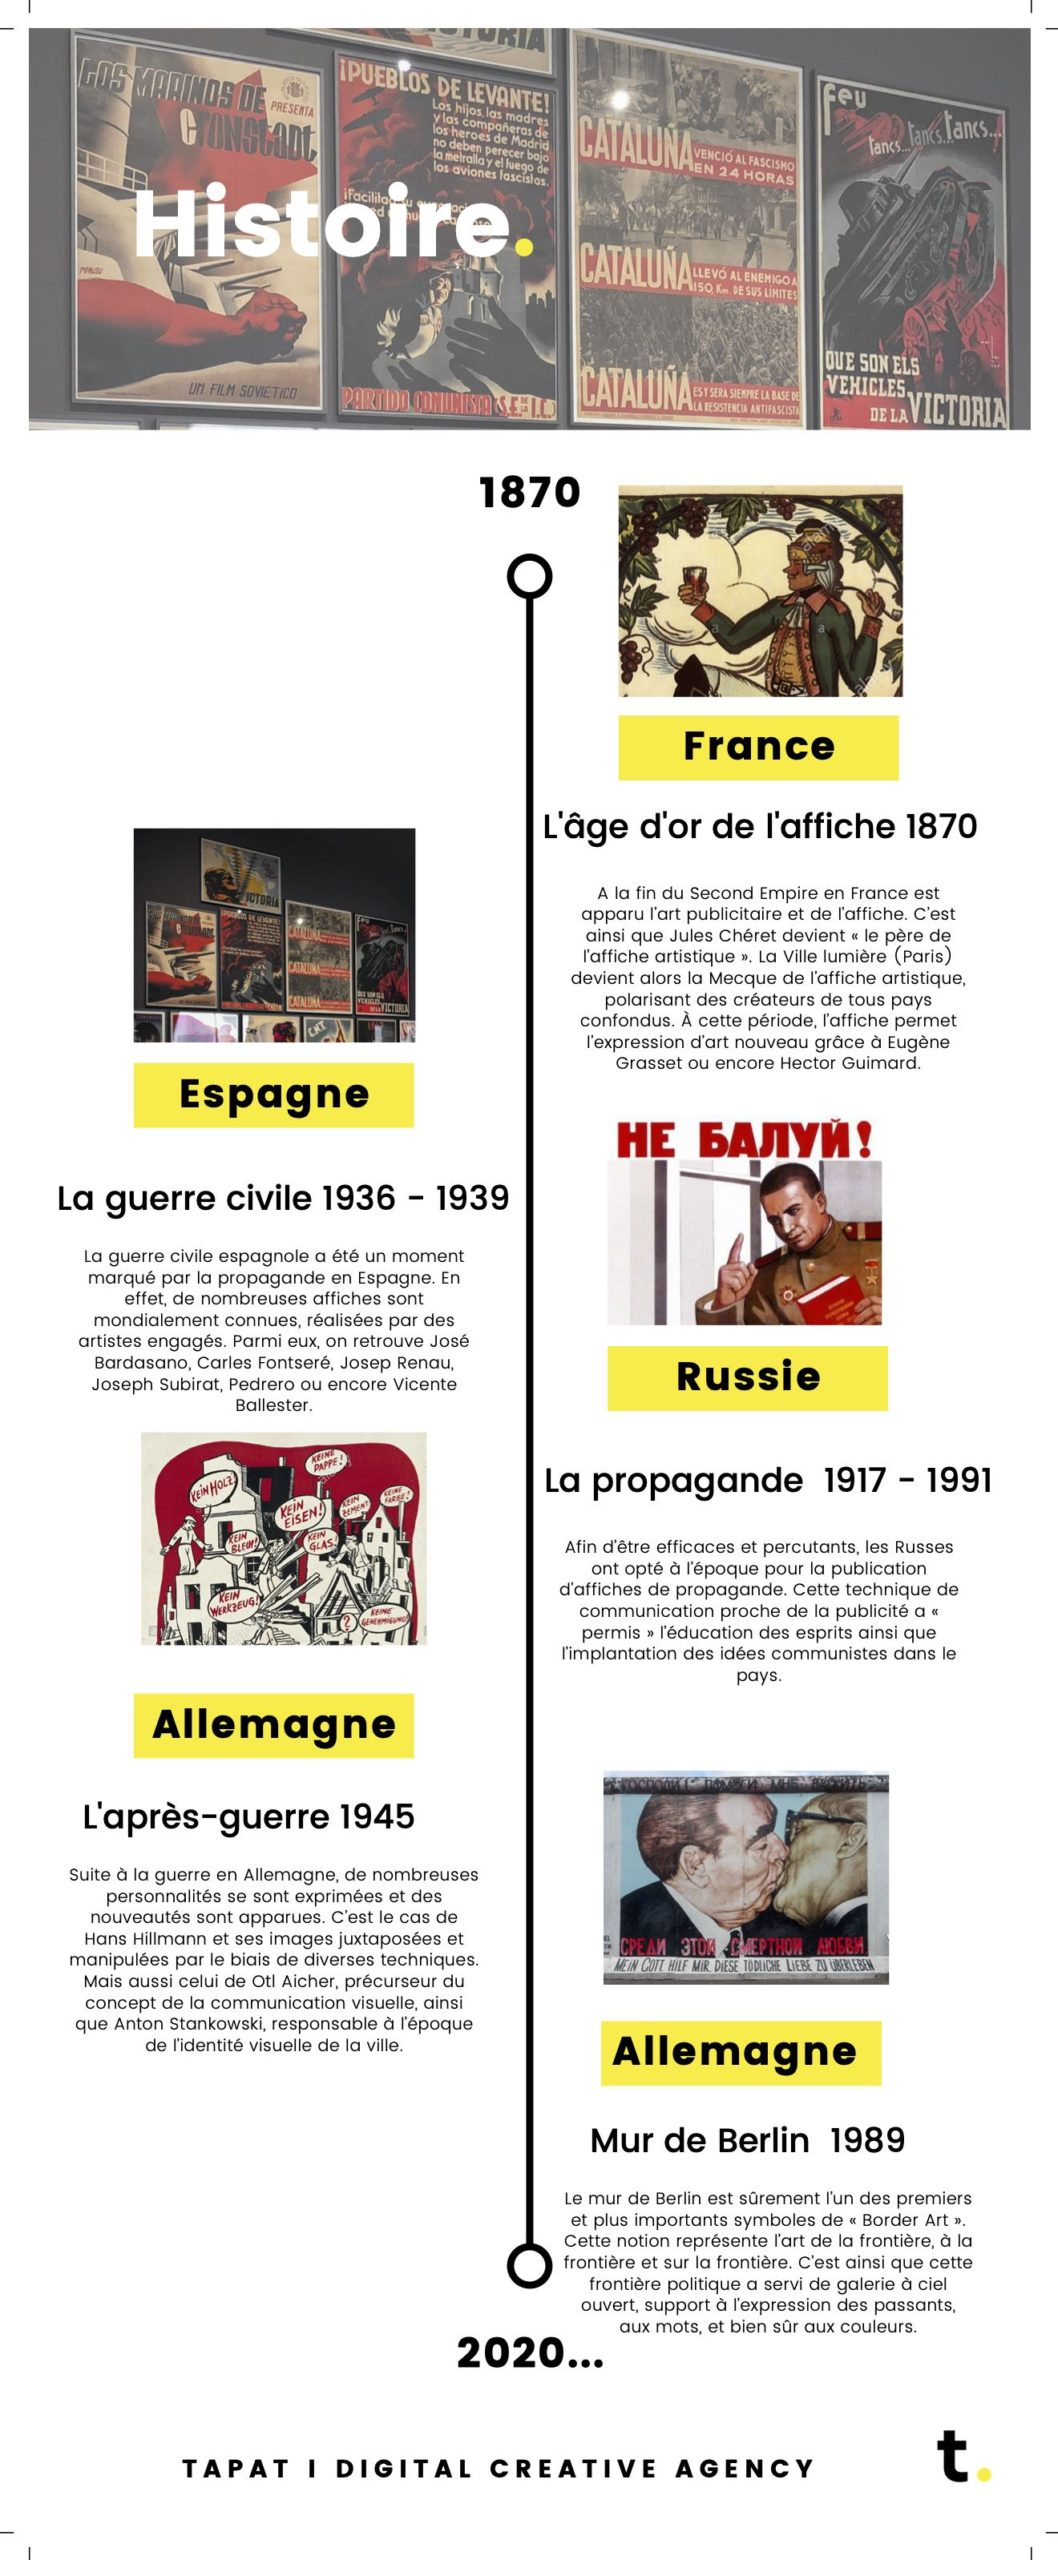 infographie : évolution du design - histoire